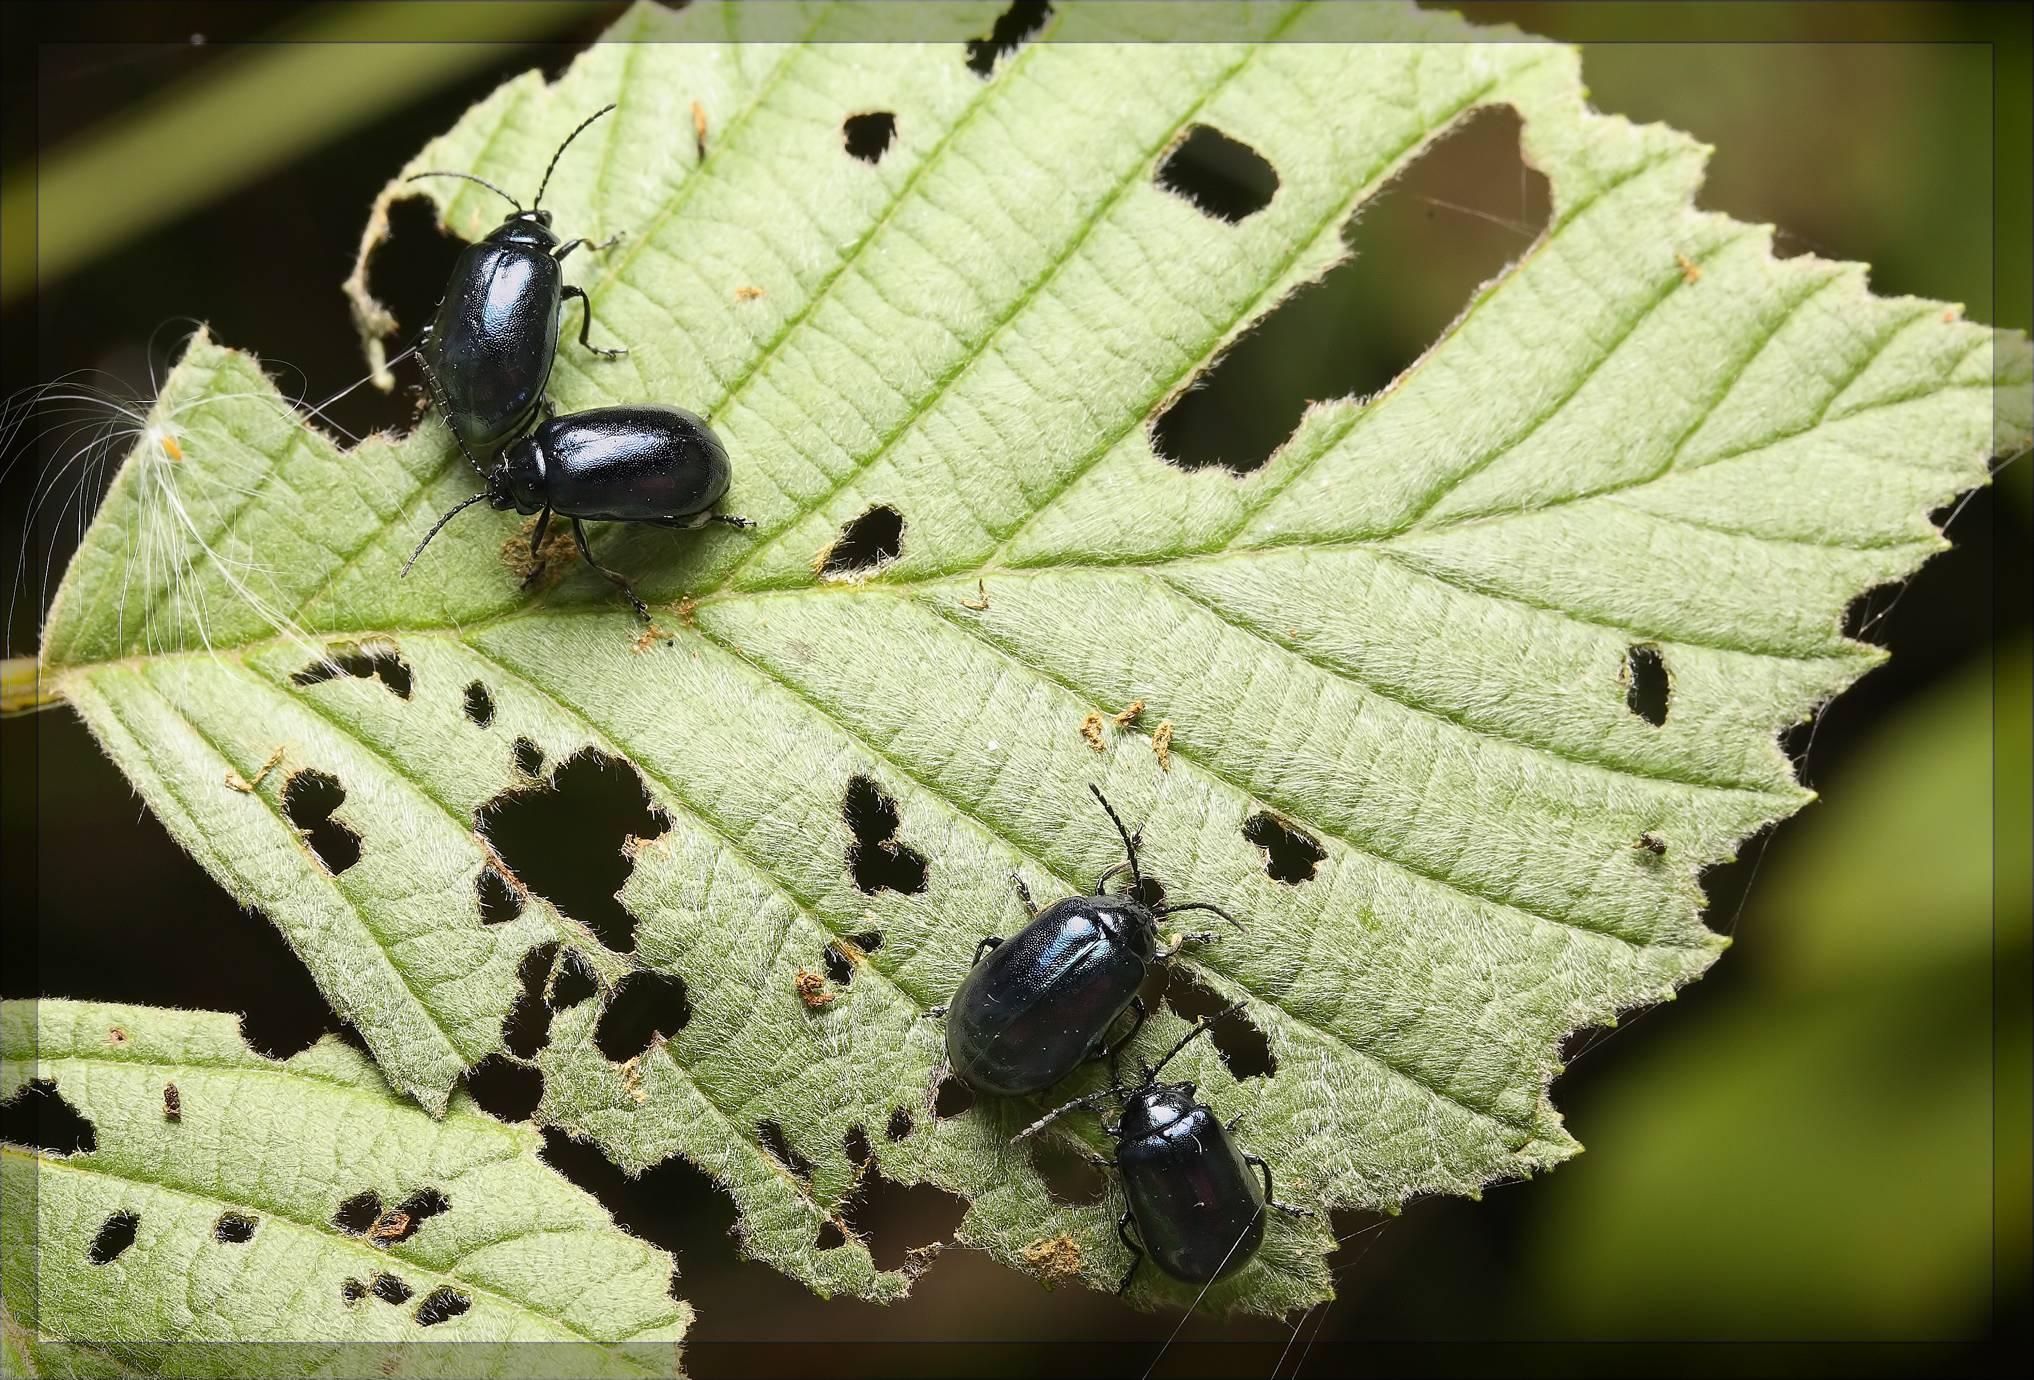 Ольховый листоед: фиолетовая козявка, поедающая листву деревьев